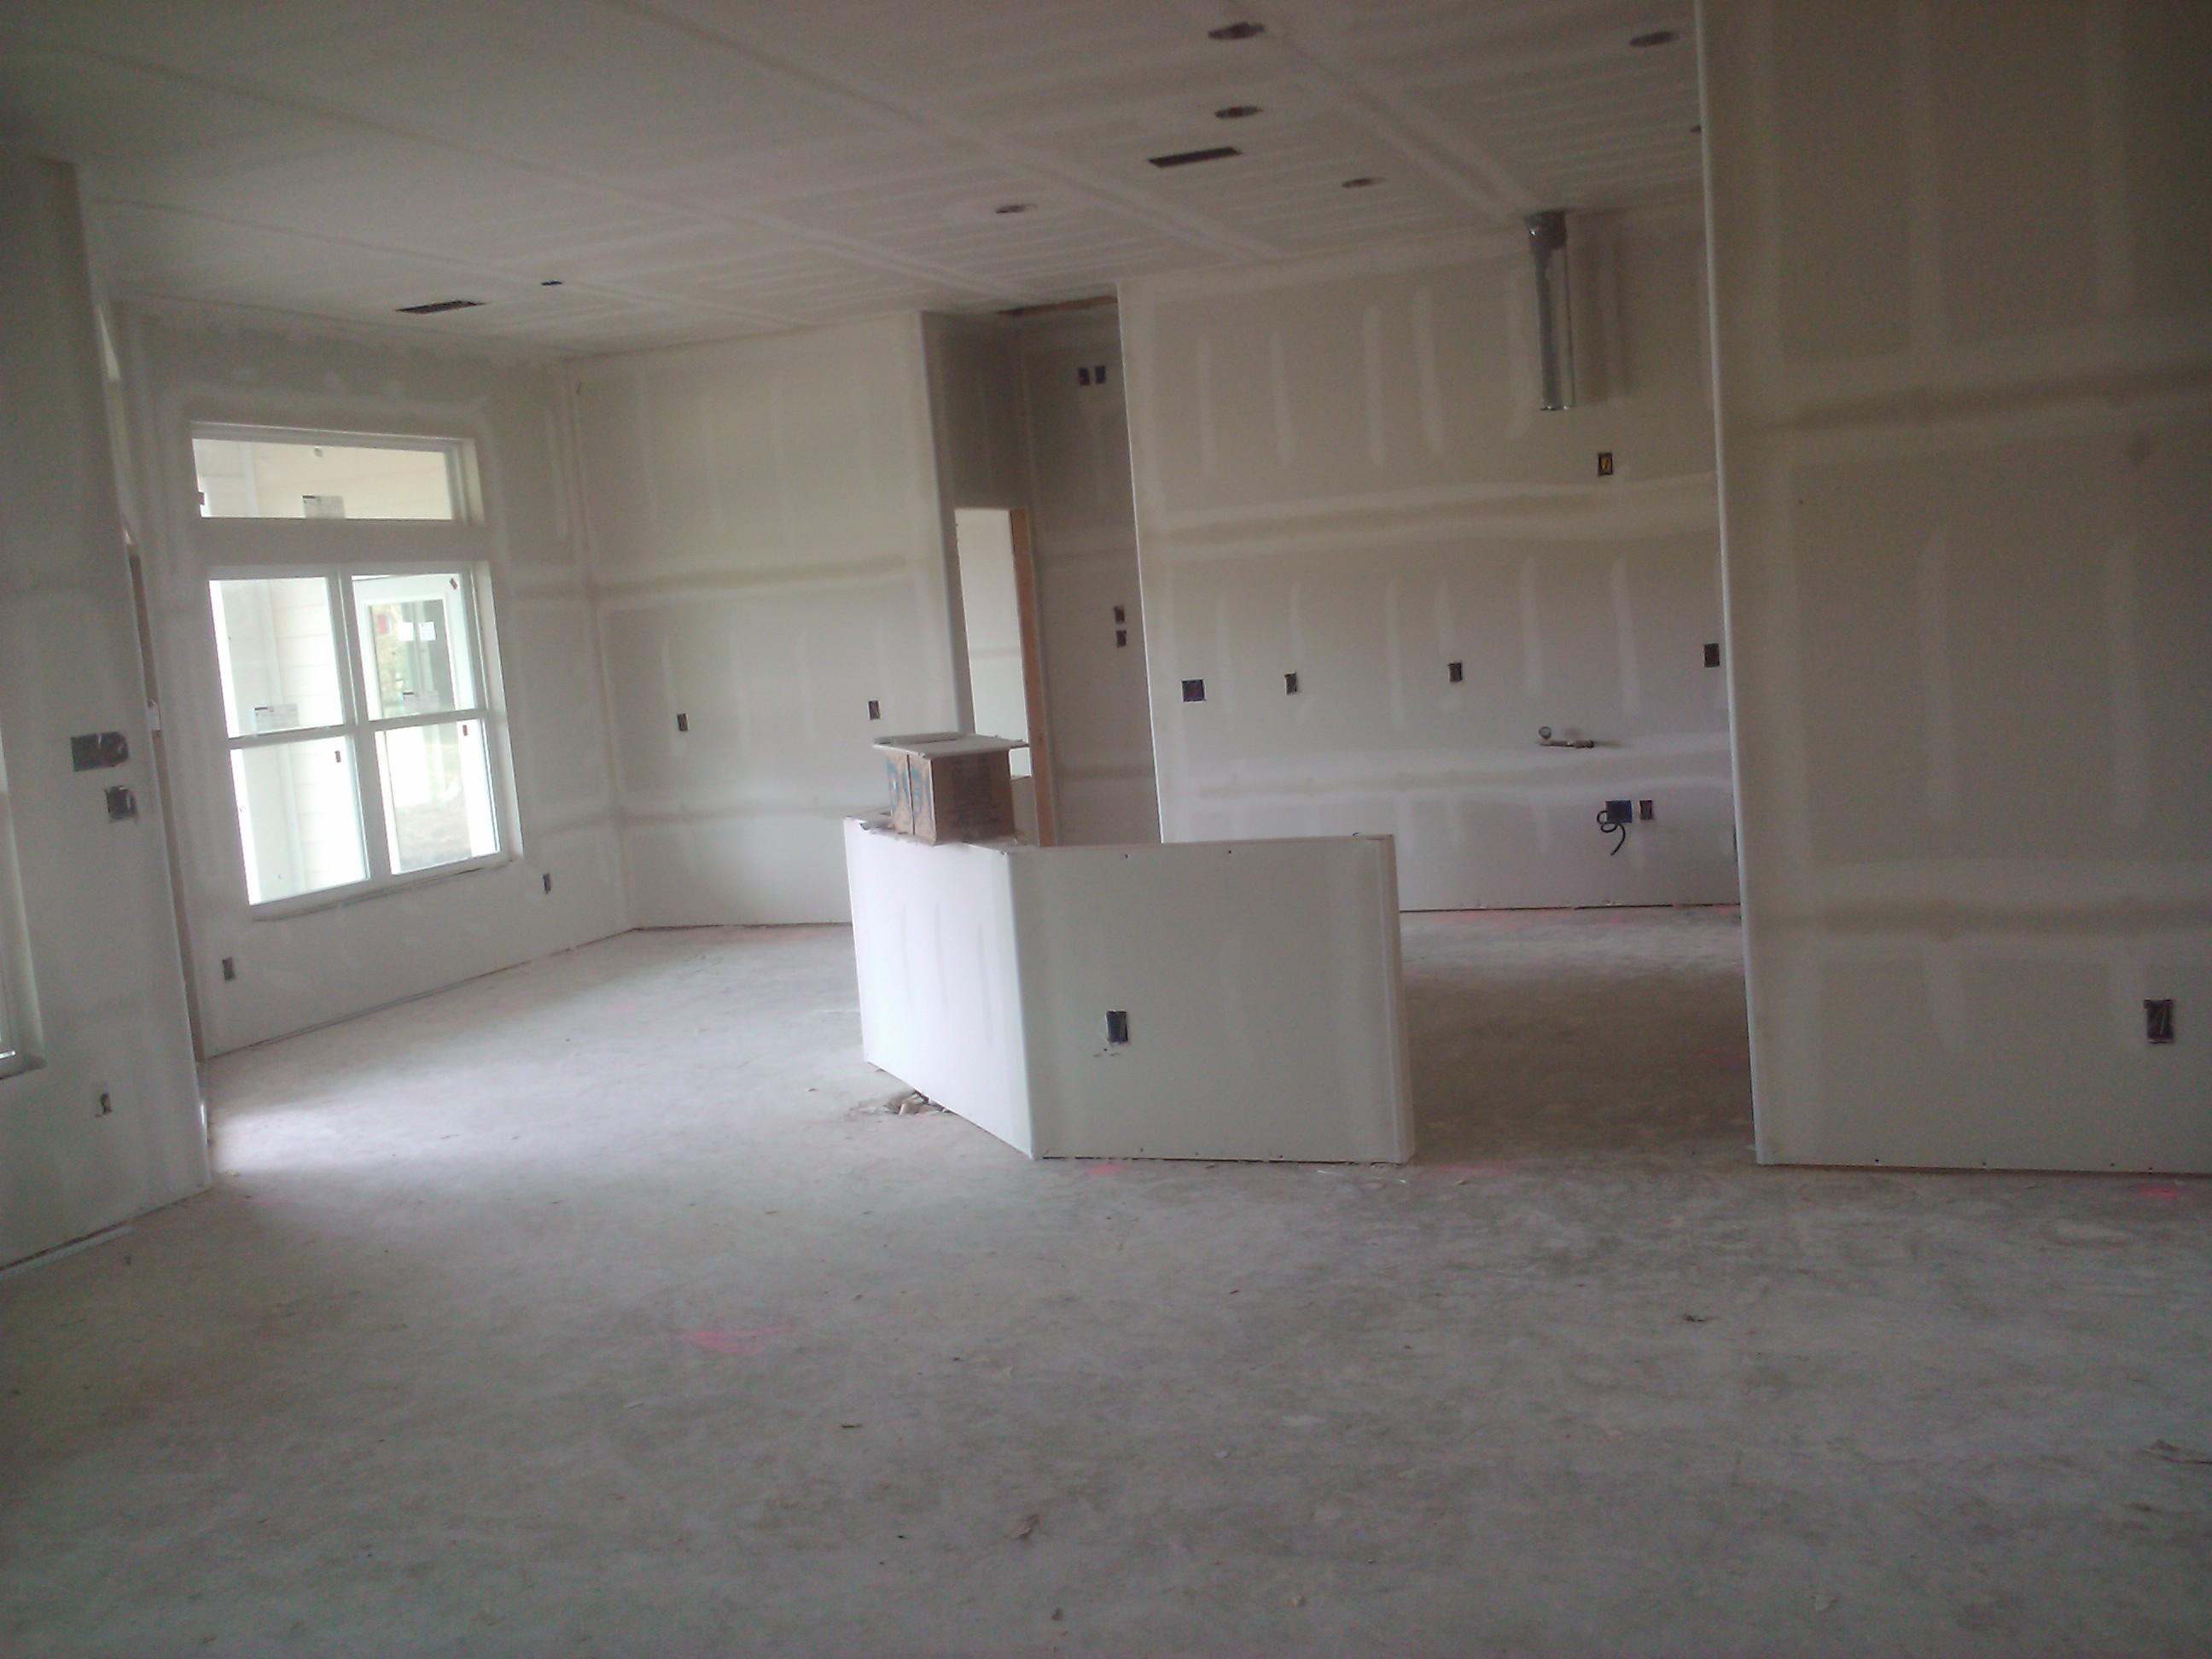 CONSTRUCTION PICS-120911 048